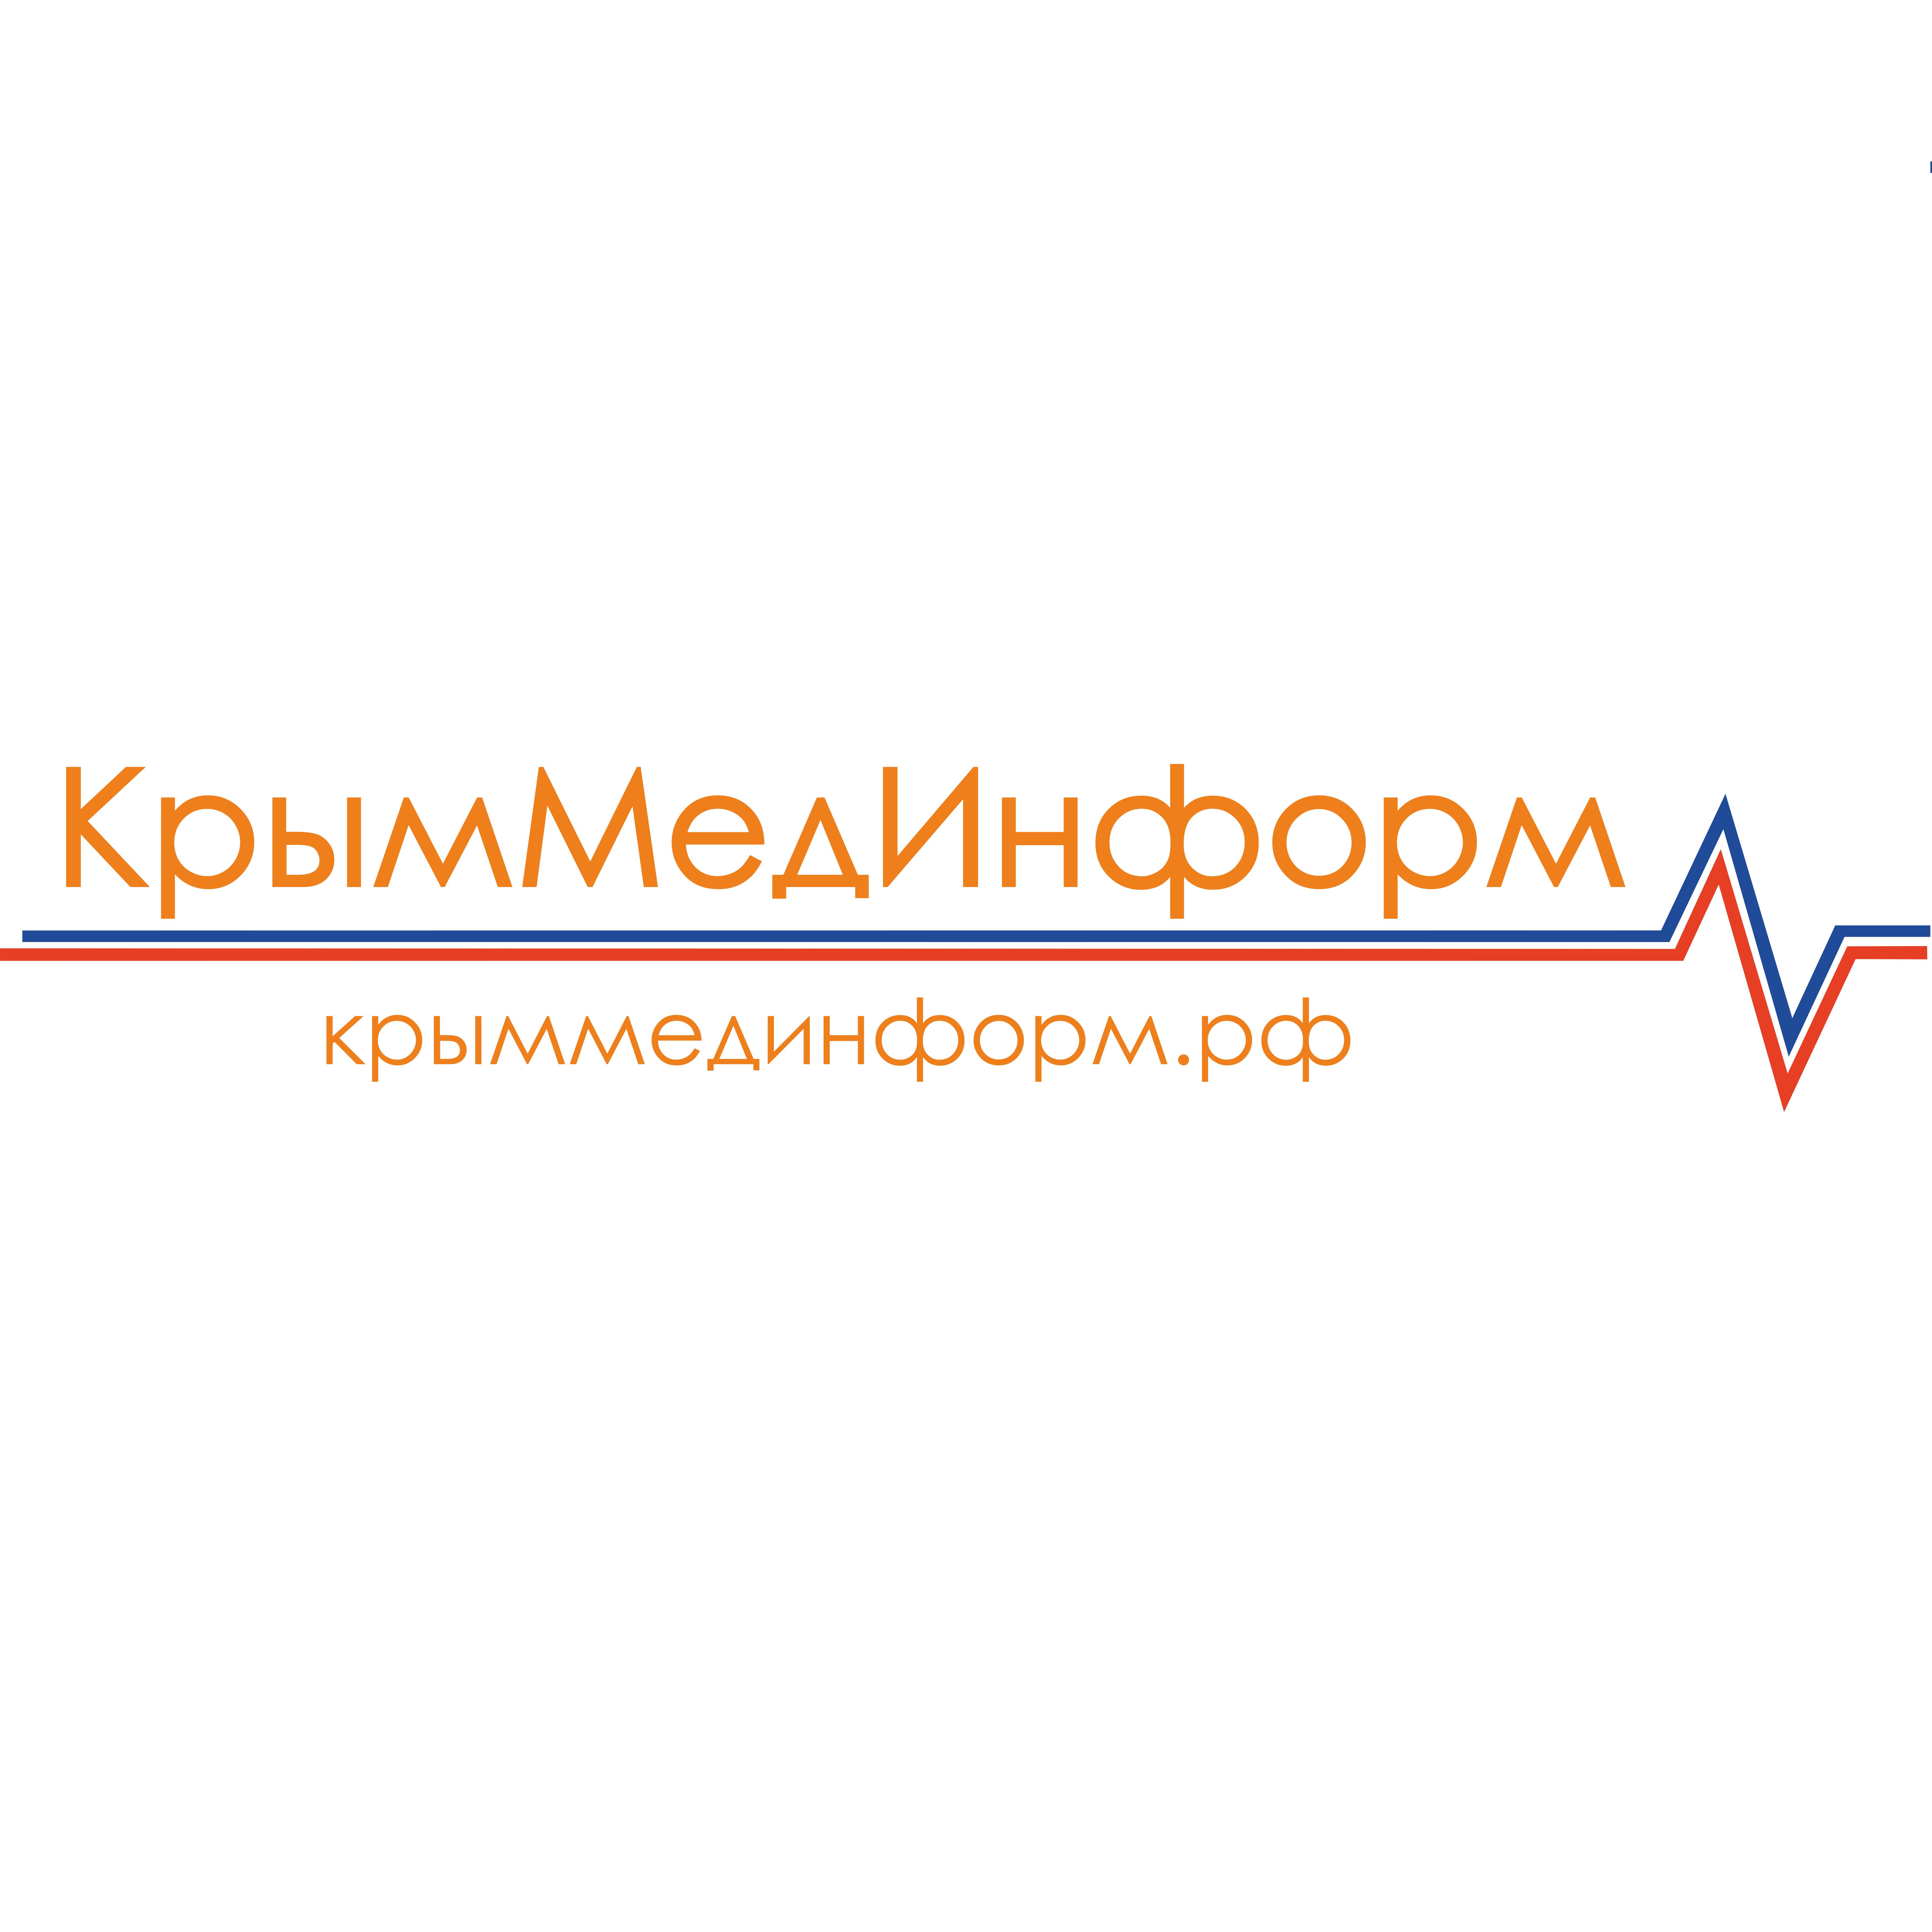 КрымМедИнформ